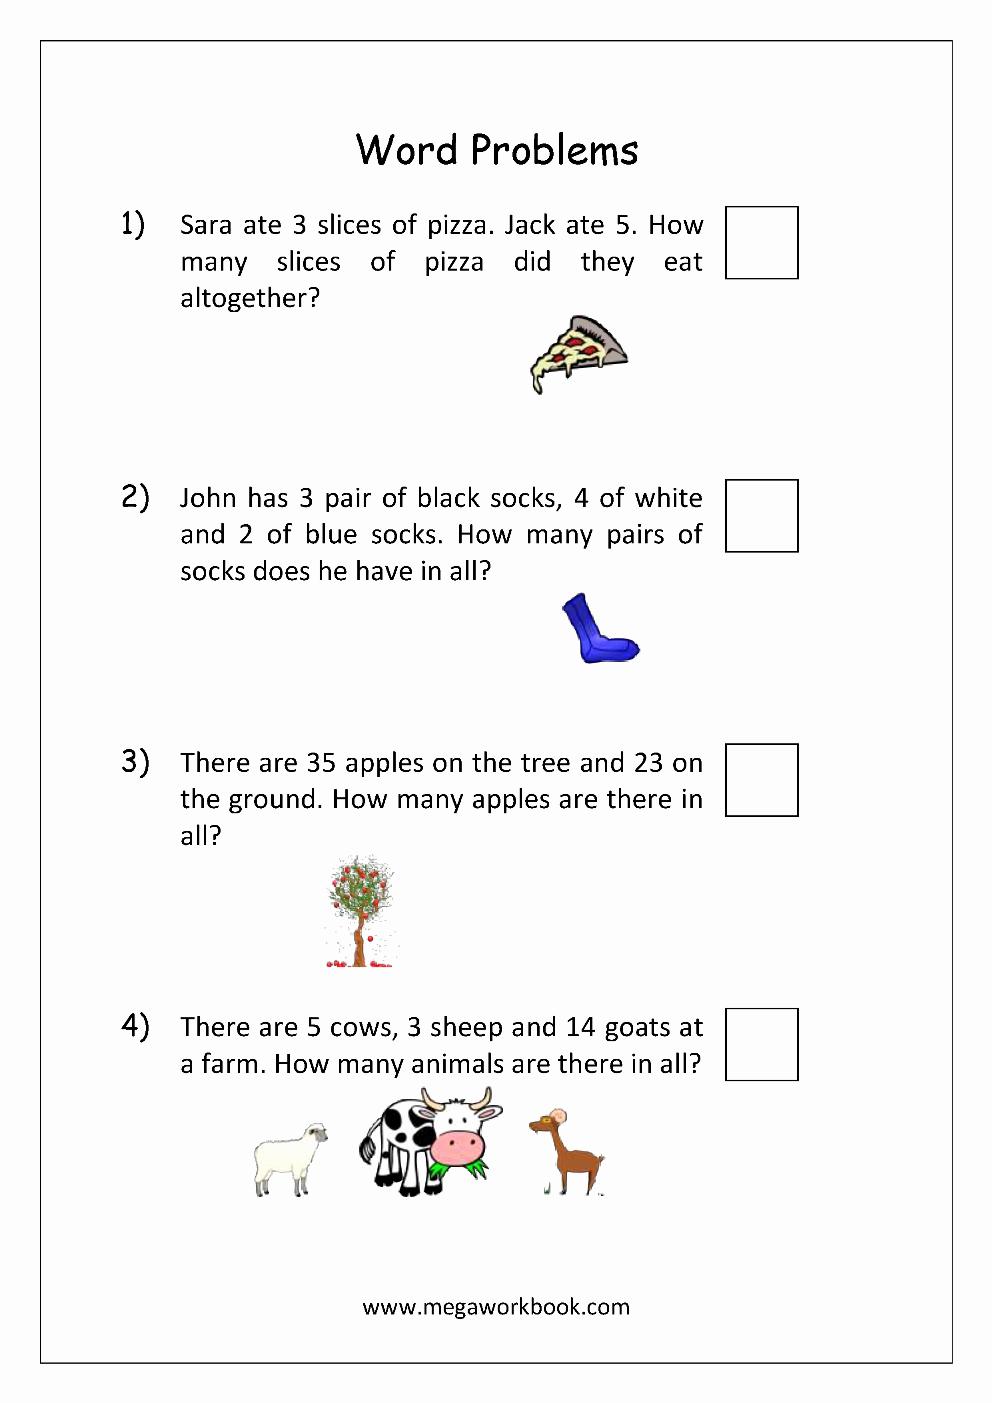 Kindergarten Addition Word Problems Worksheets Beautiful Addition and Subtraction Word Problems Worksheets for